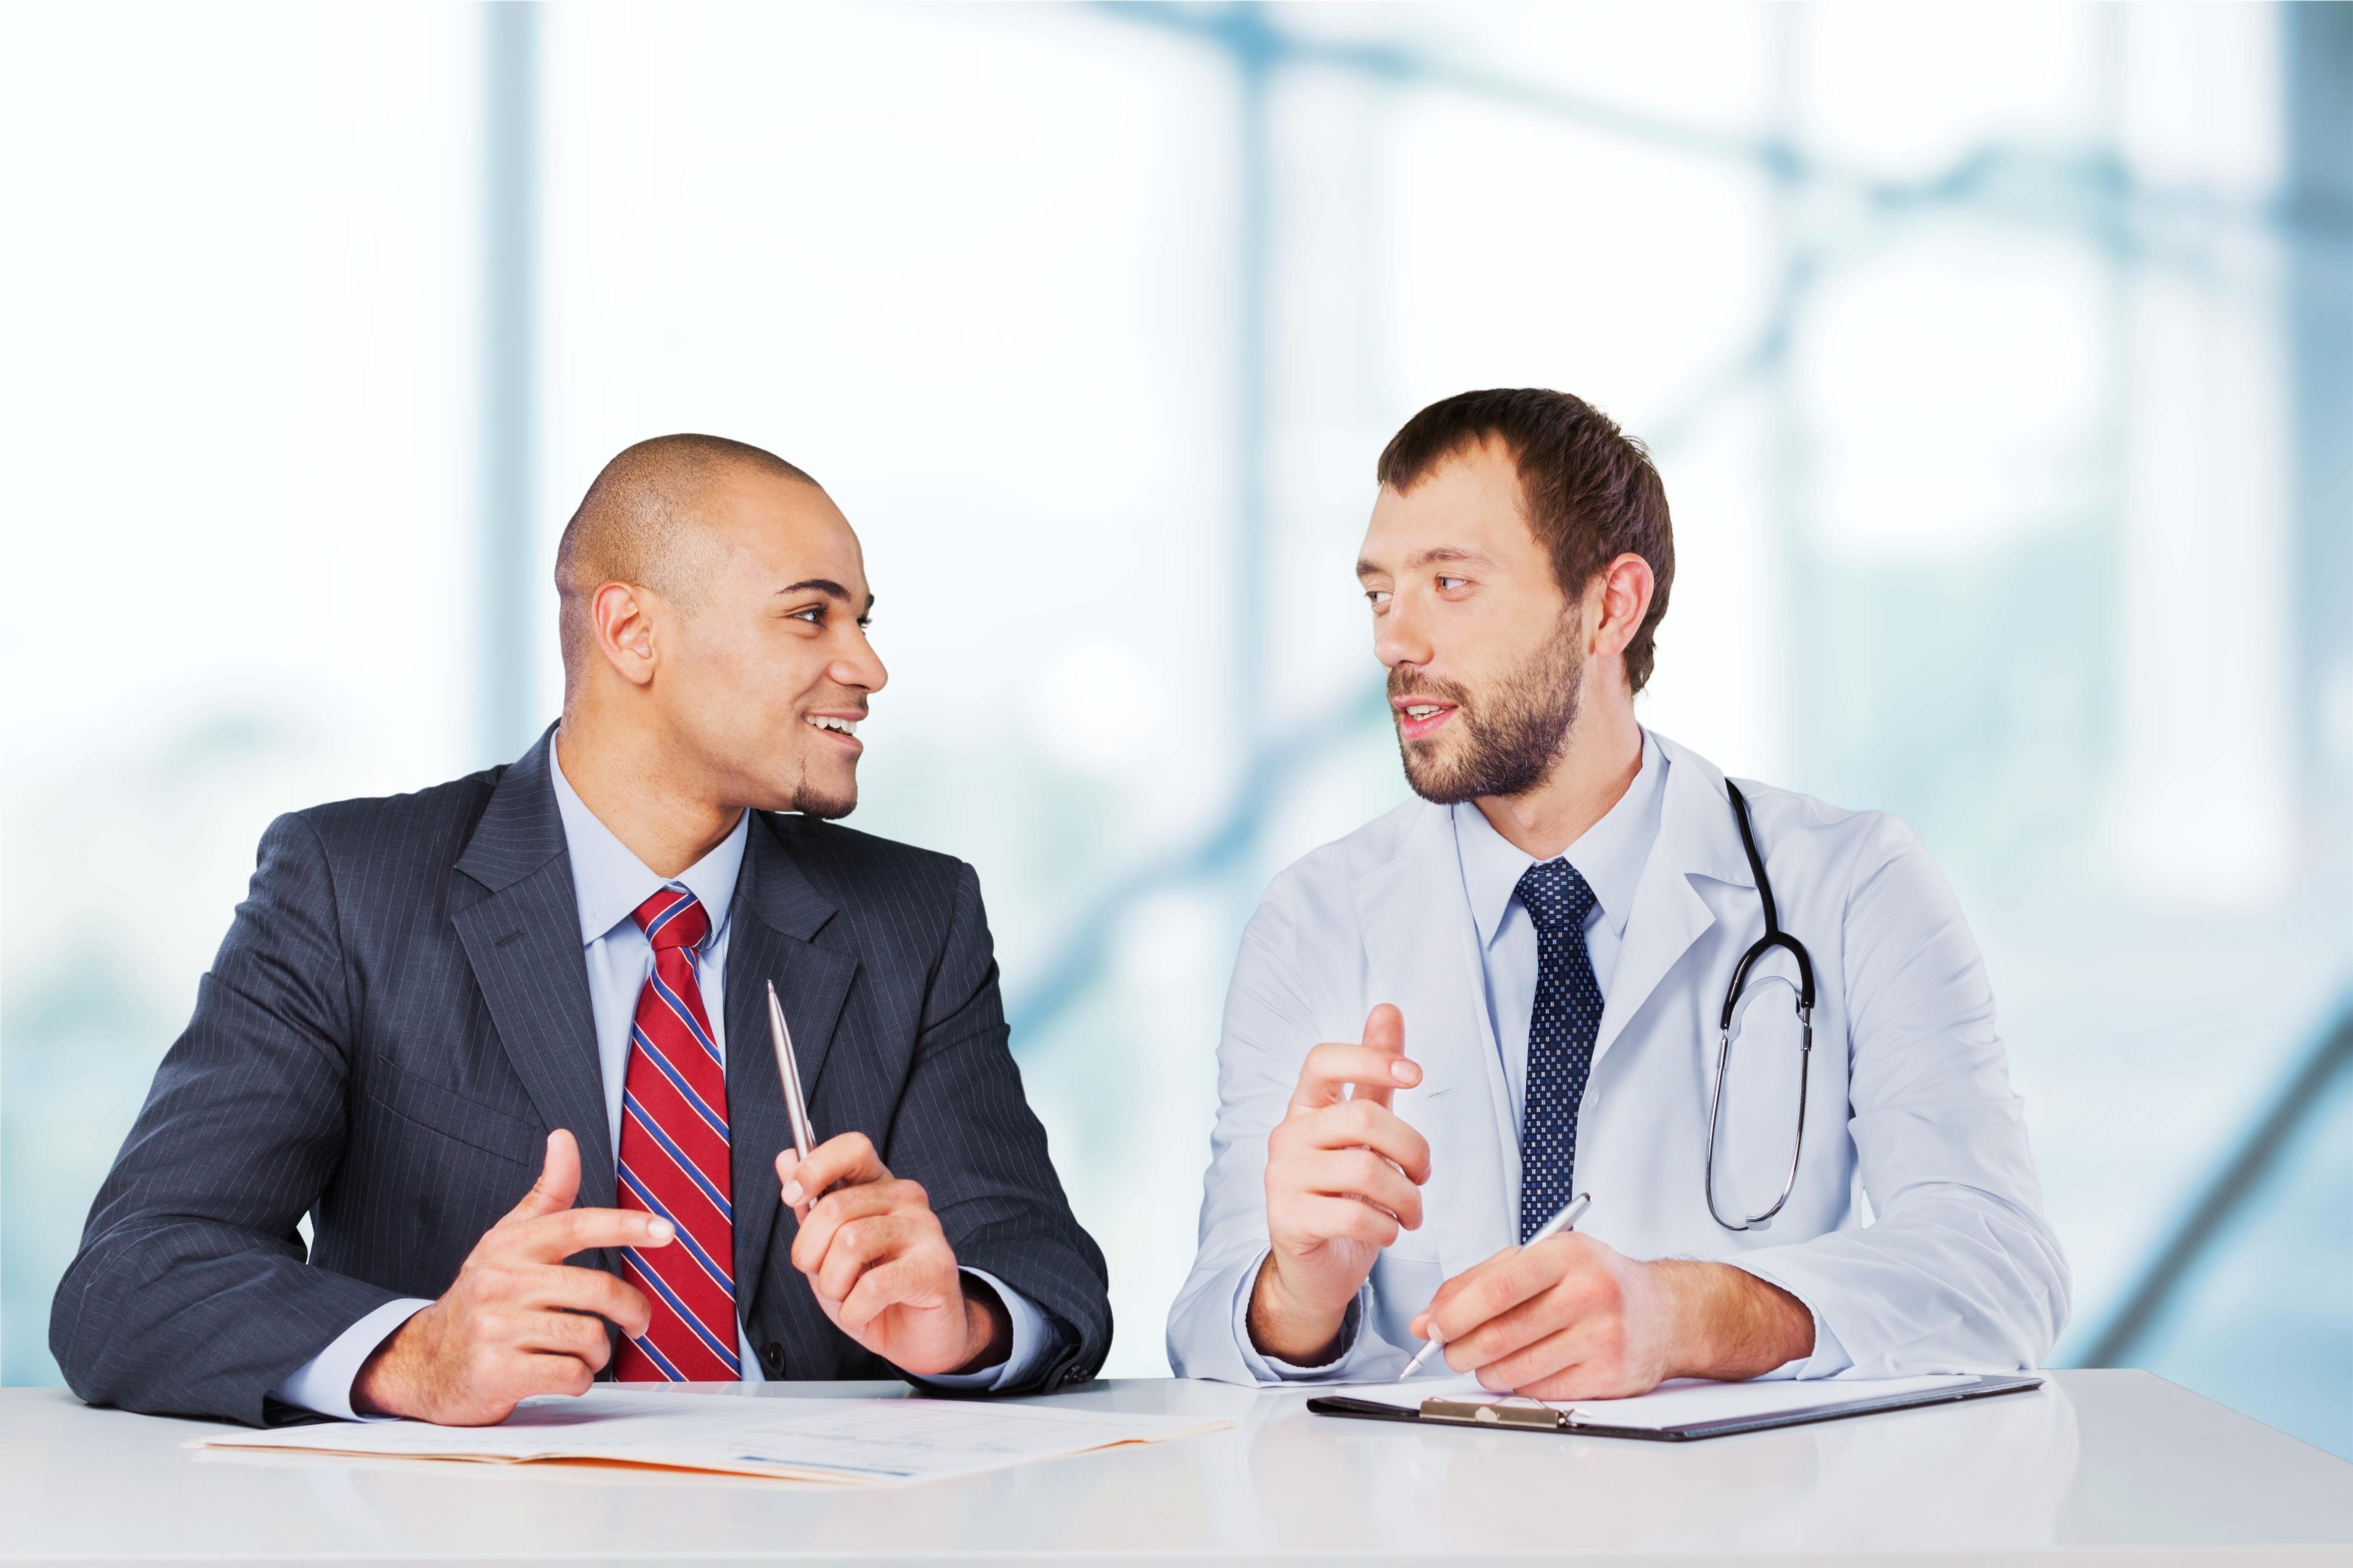 Jót tesz-e a kórháznak, ha orvos áll az élén?